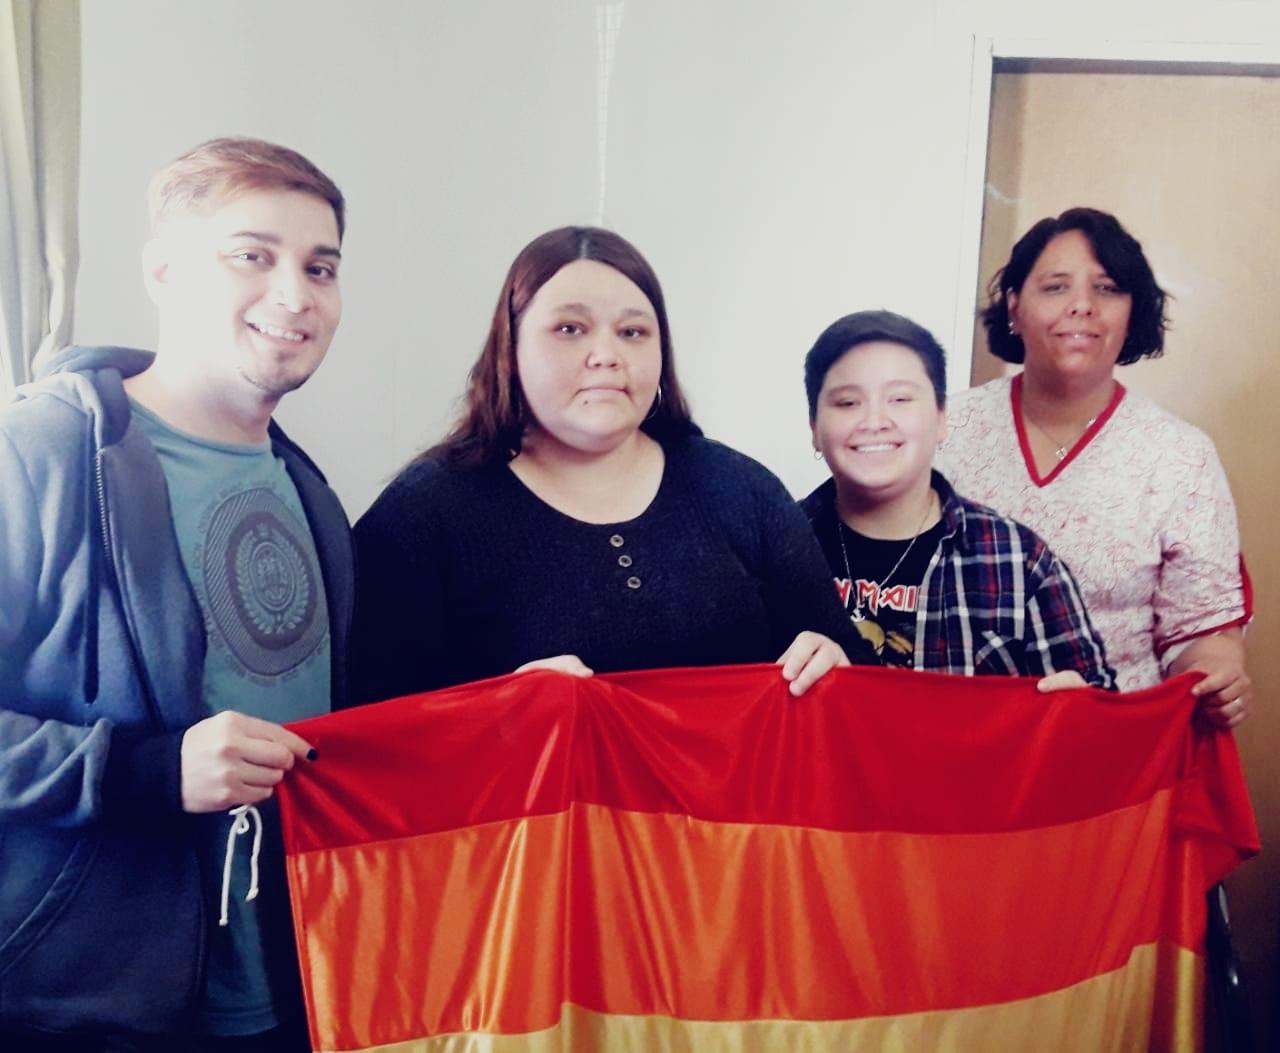 Se realizará la segunda Marcha del Orgullo en Caleta Olivia - El Diario Nuevo Dia